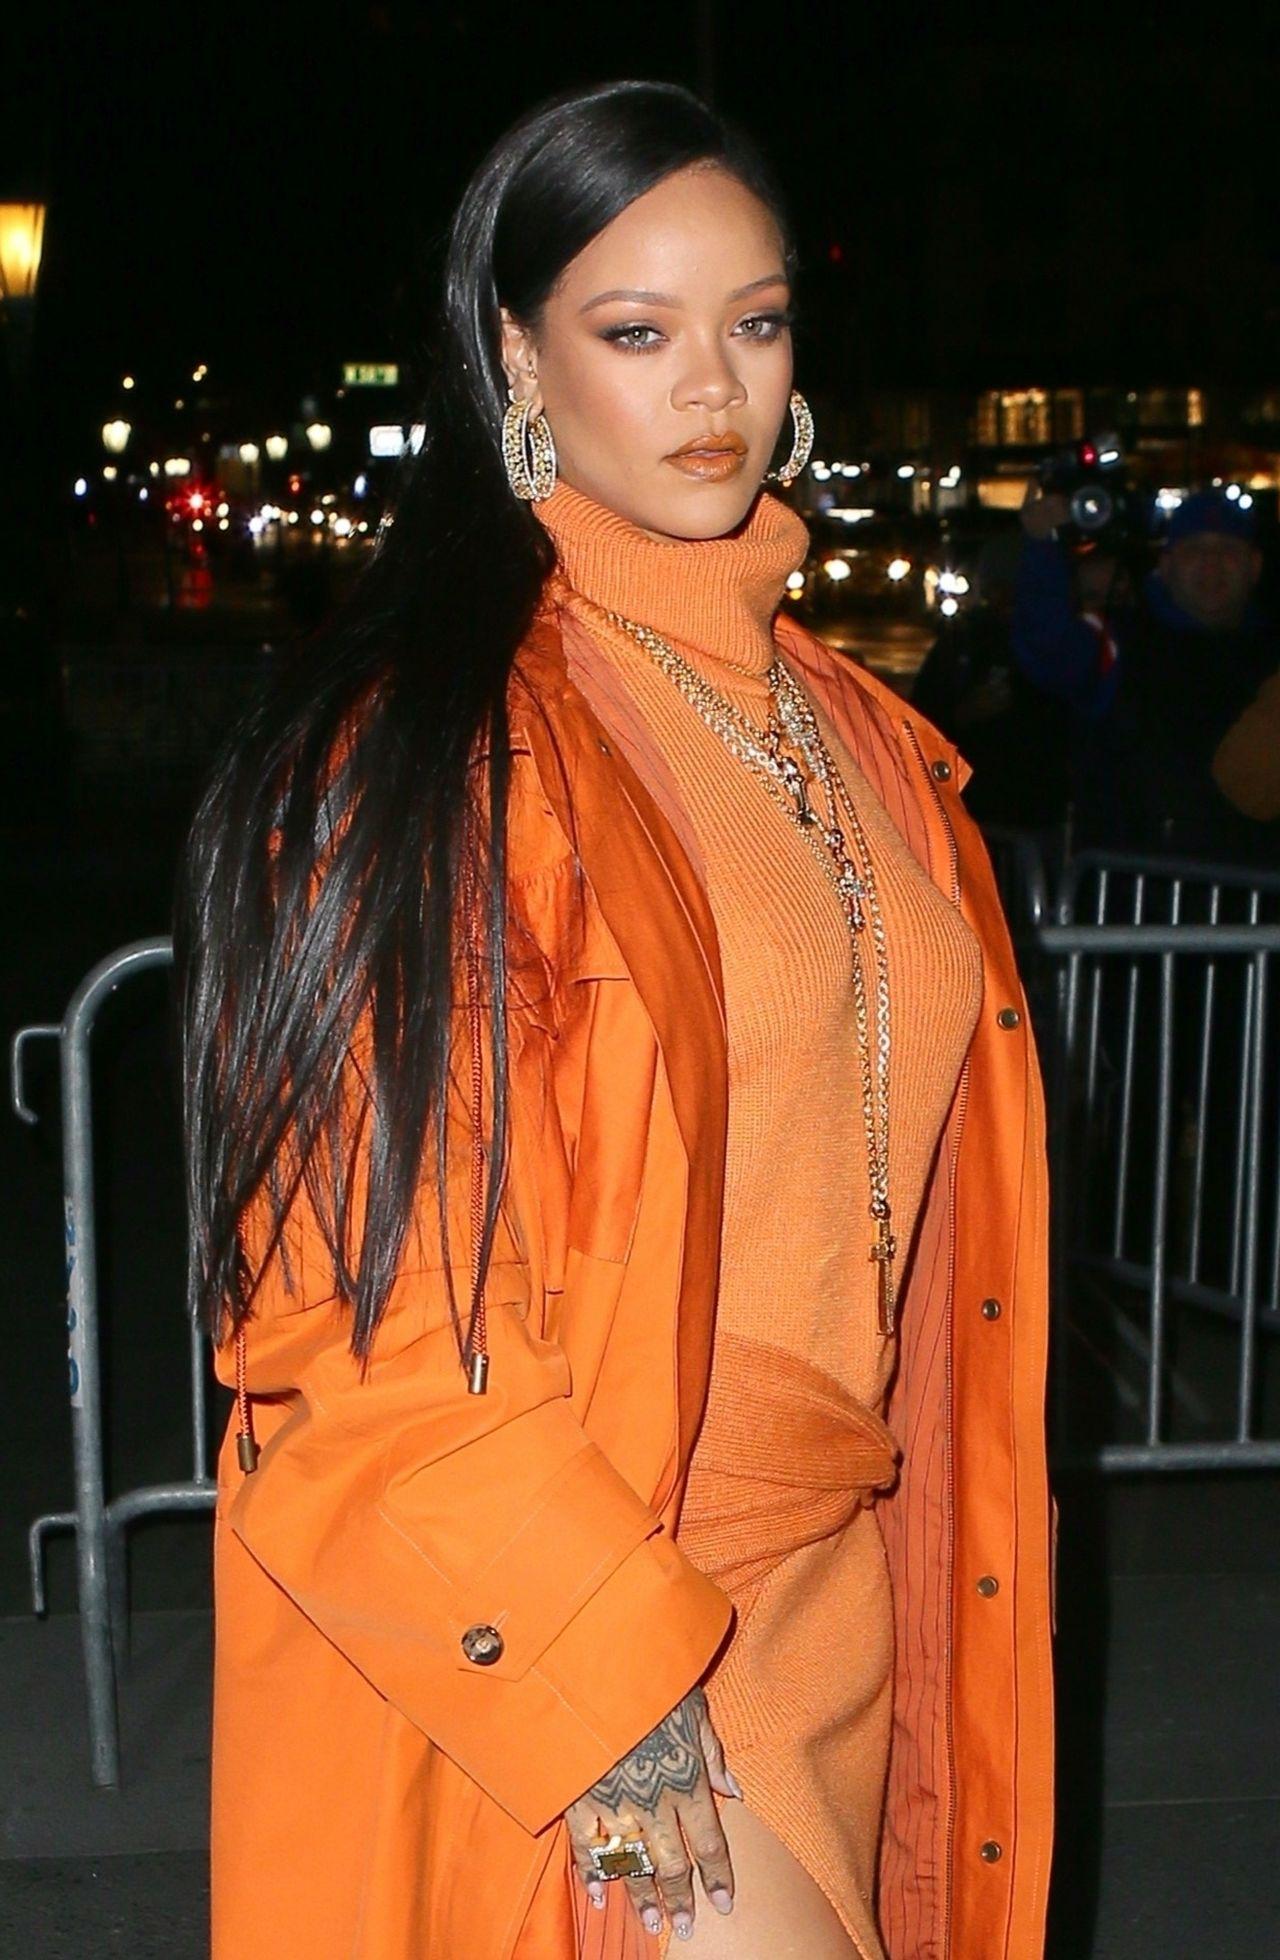 Rihanna w pomarańczowej stylizacji.